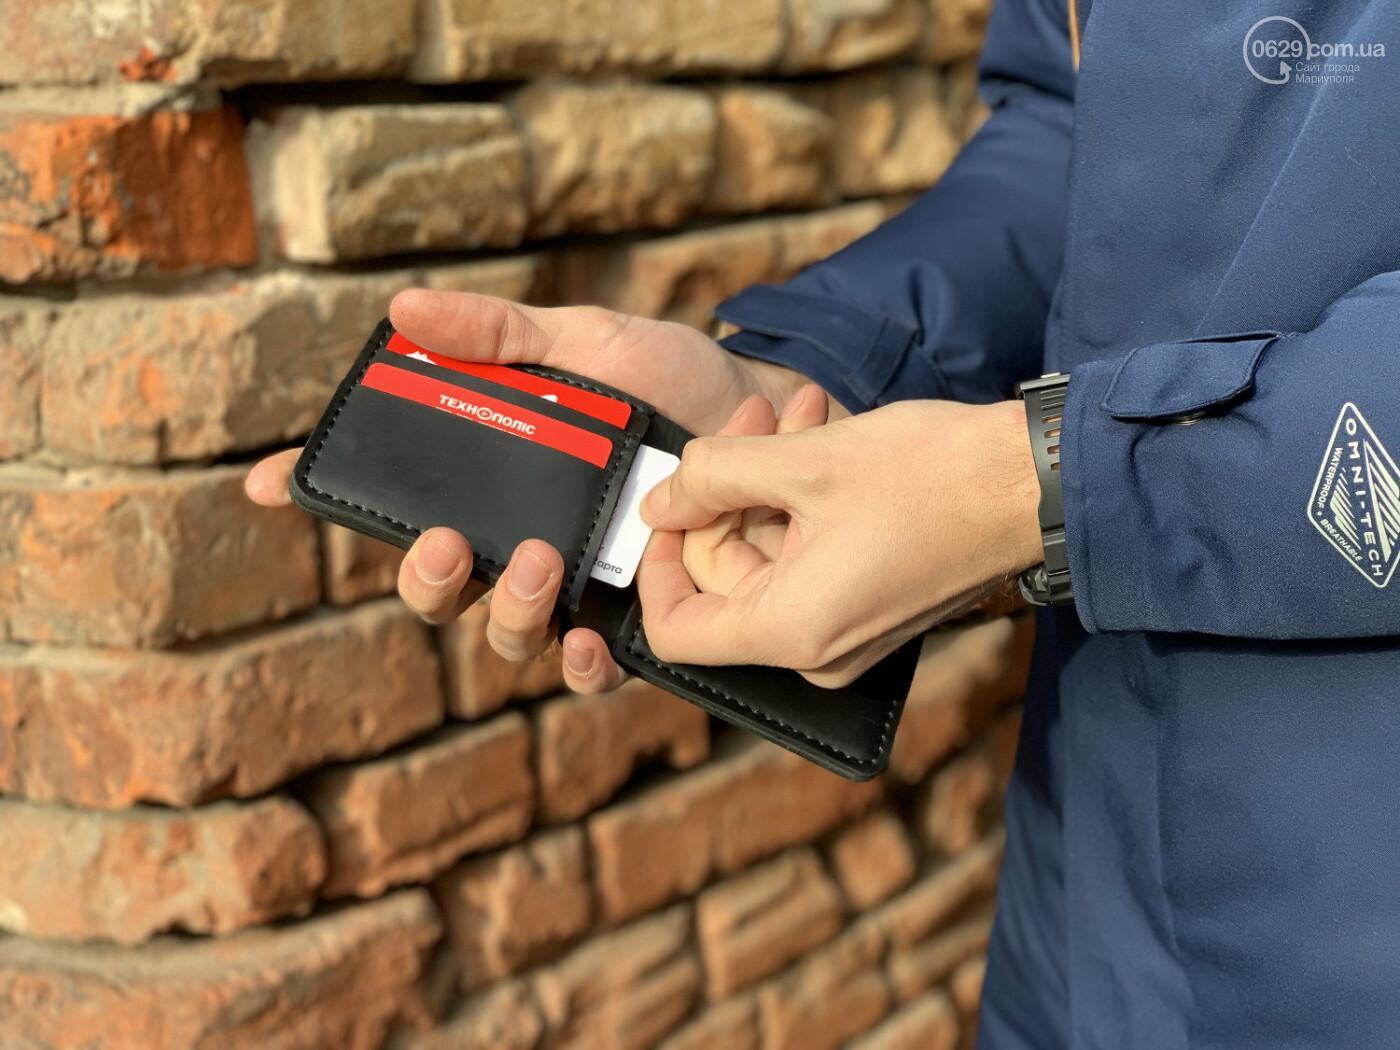 Стильное мужское портмоне для мужчин, которые любят качественные изделия из кожи, фото-3